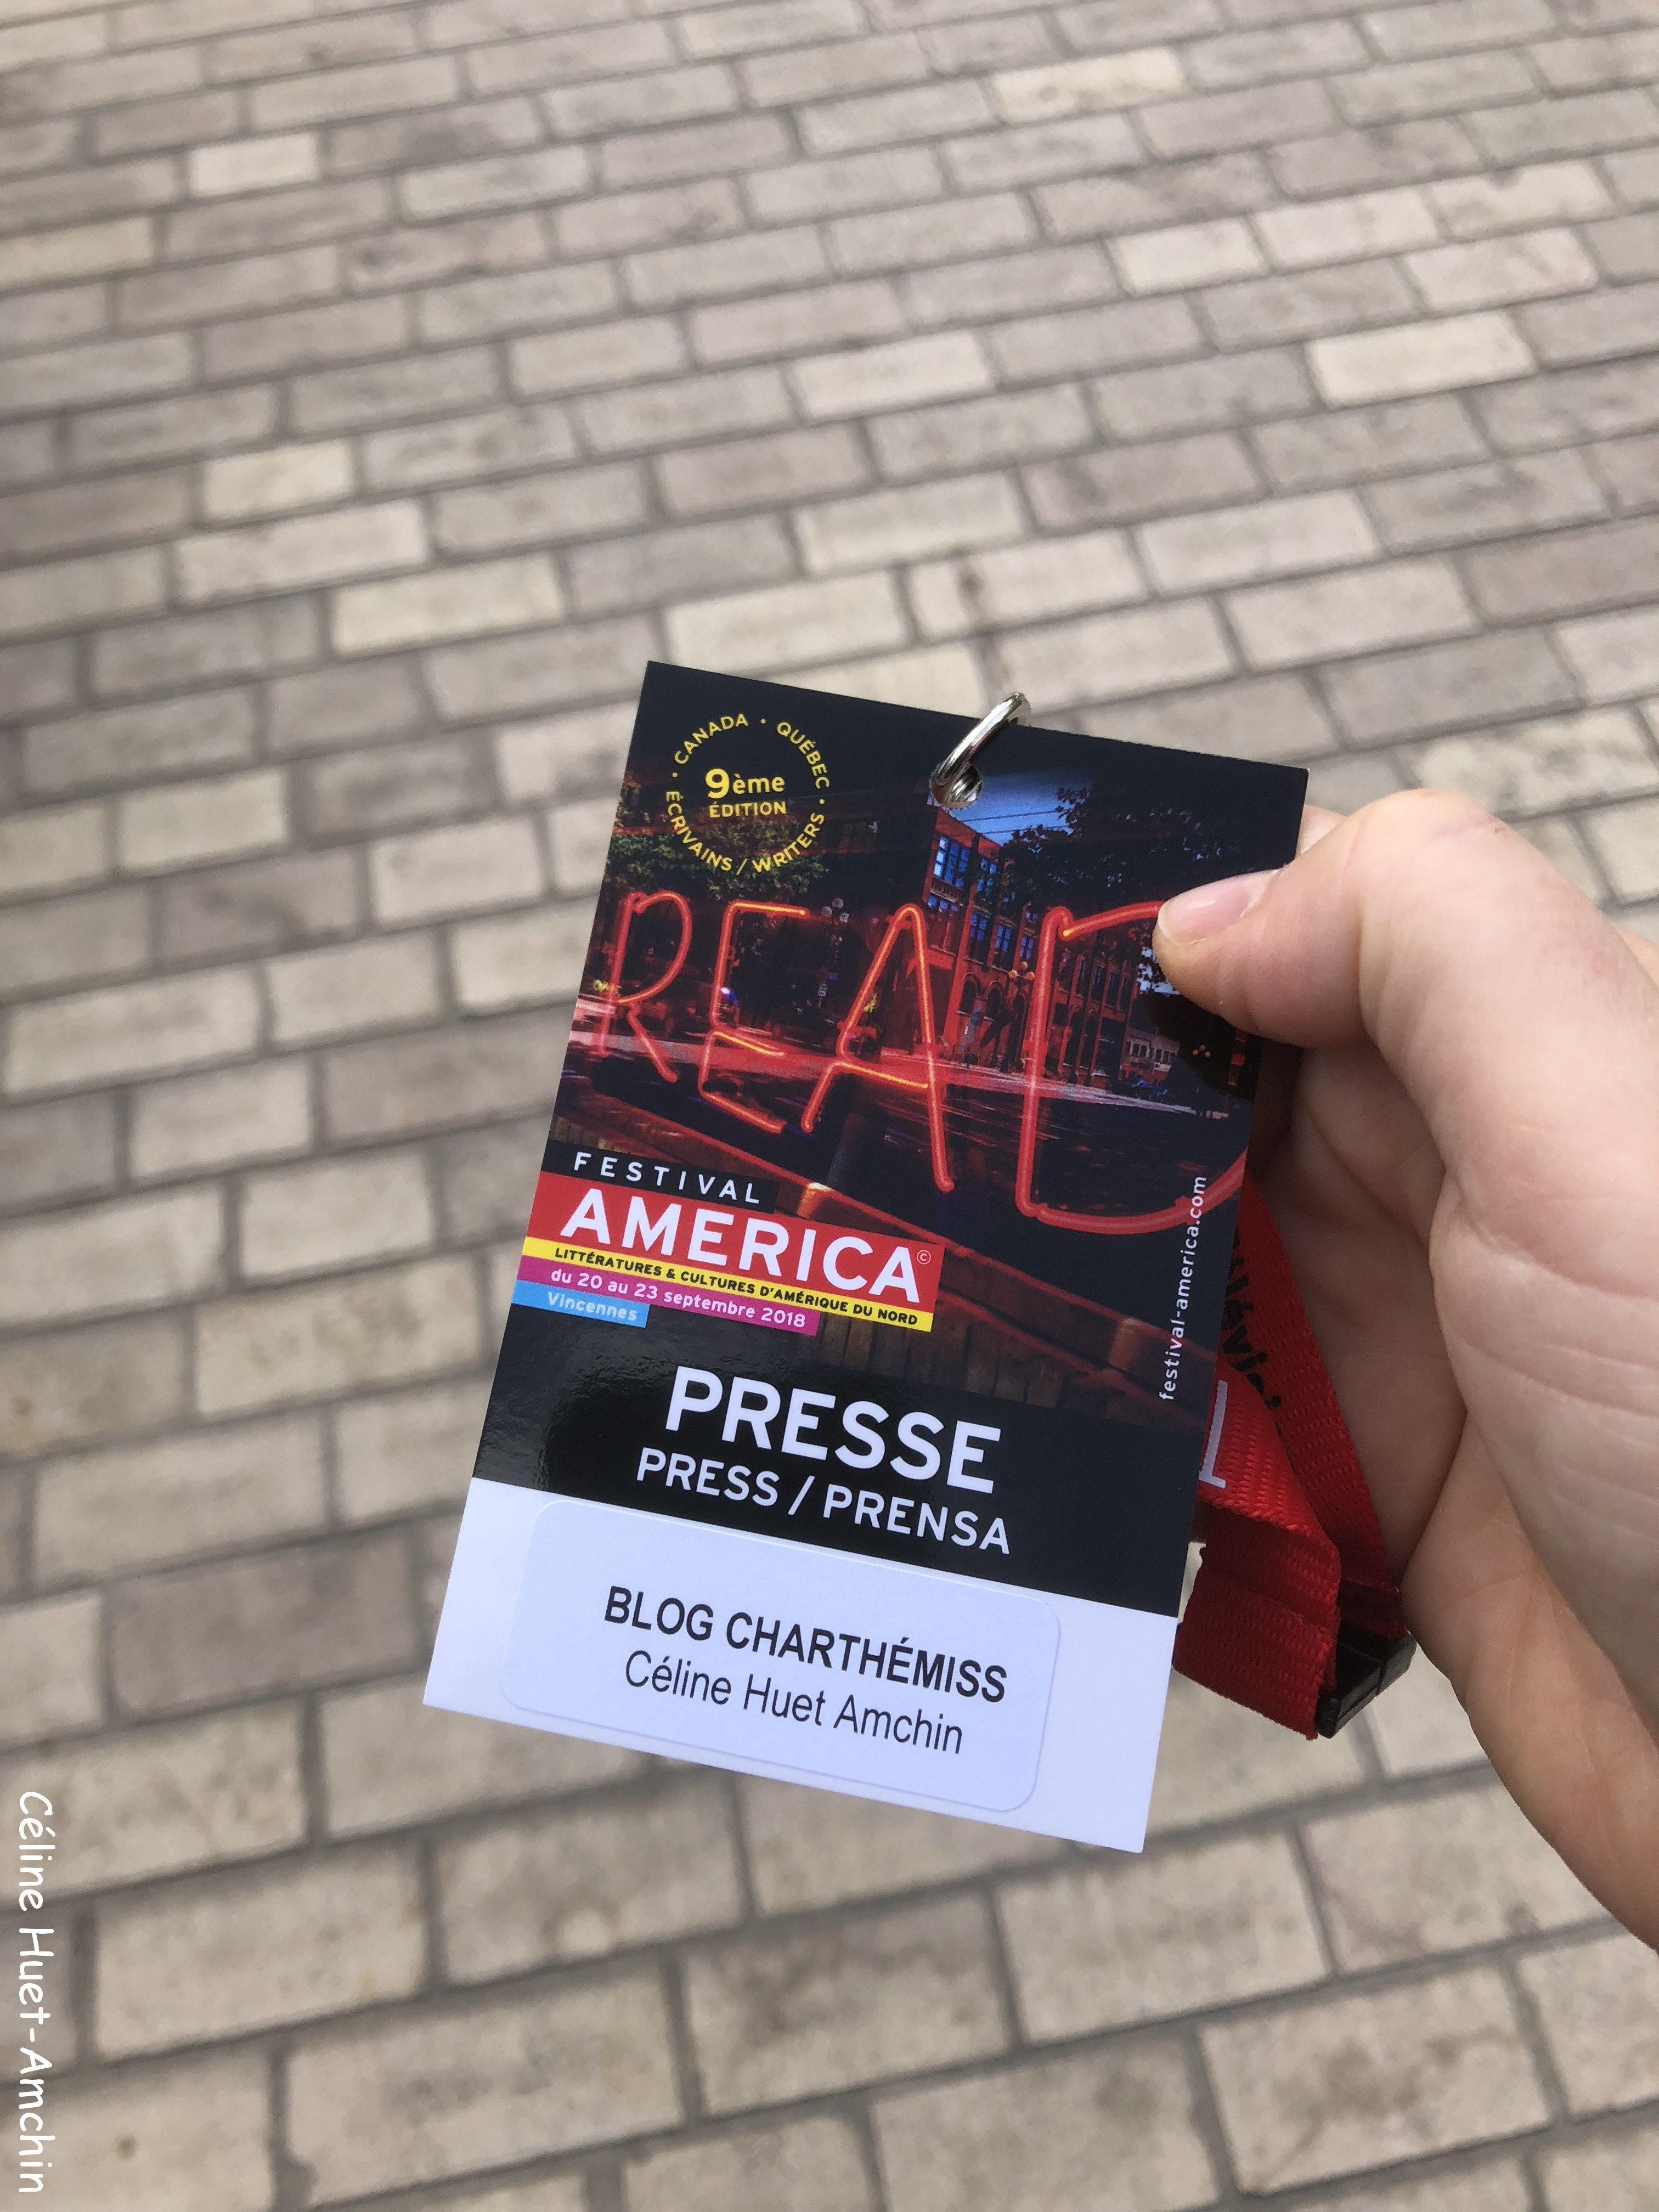 La 9e édition du Festival America (20-23 septembre 2018, Vincennes)